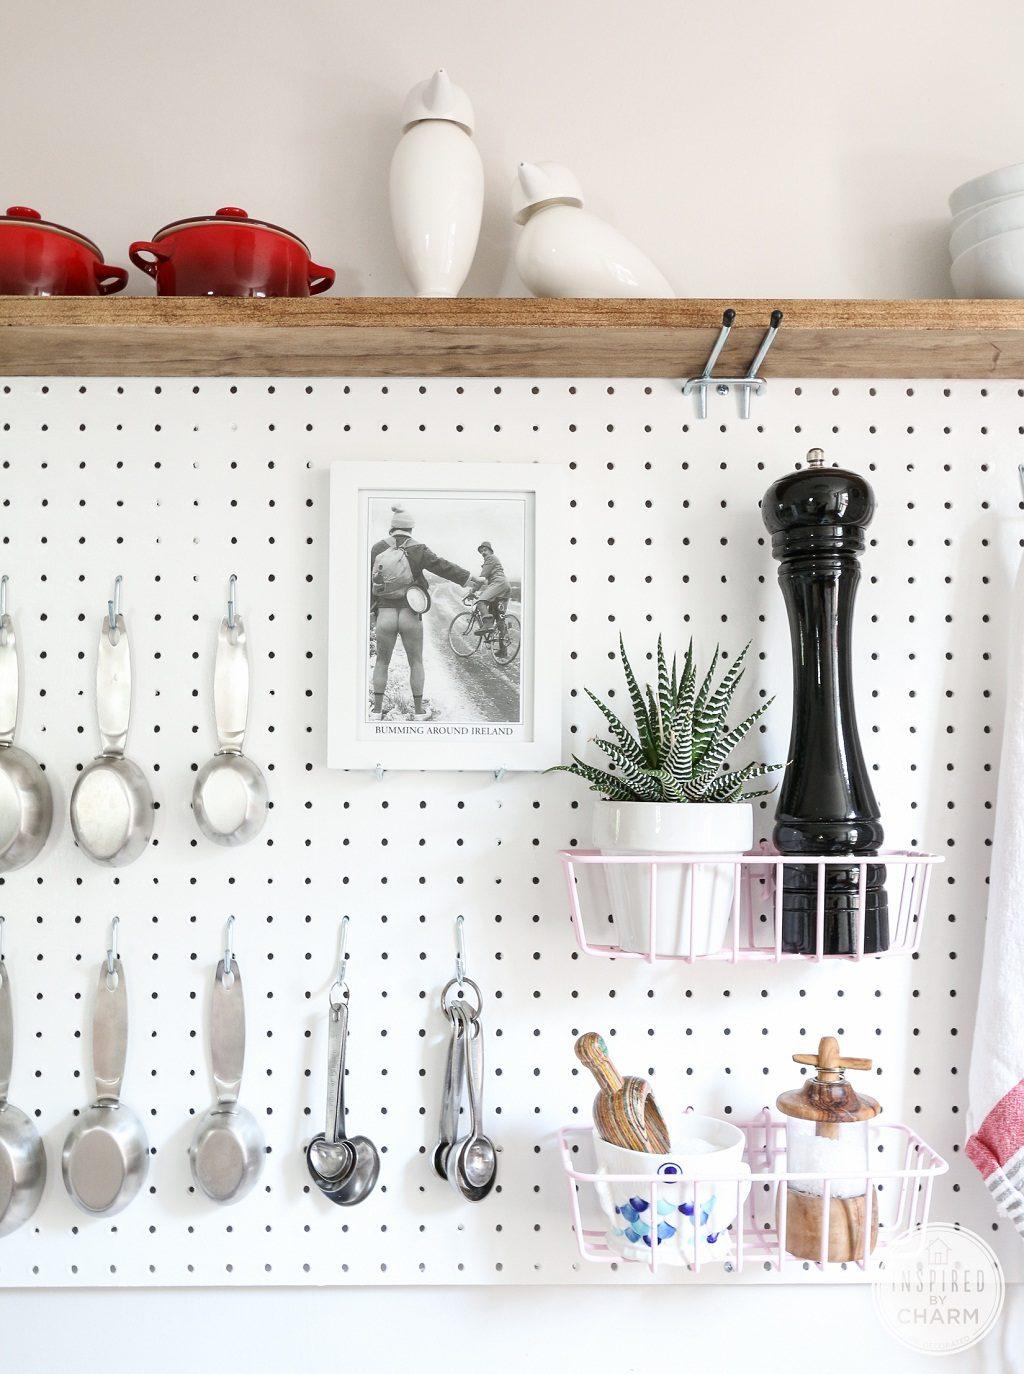 10 xu hướng thiết kế phòng bếp đẹp ấn tượng và mới nhất - 09